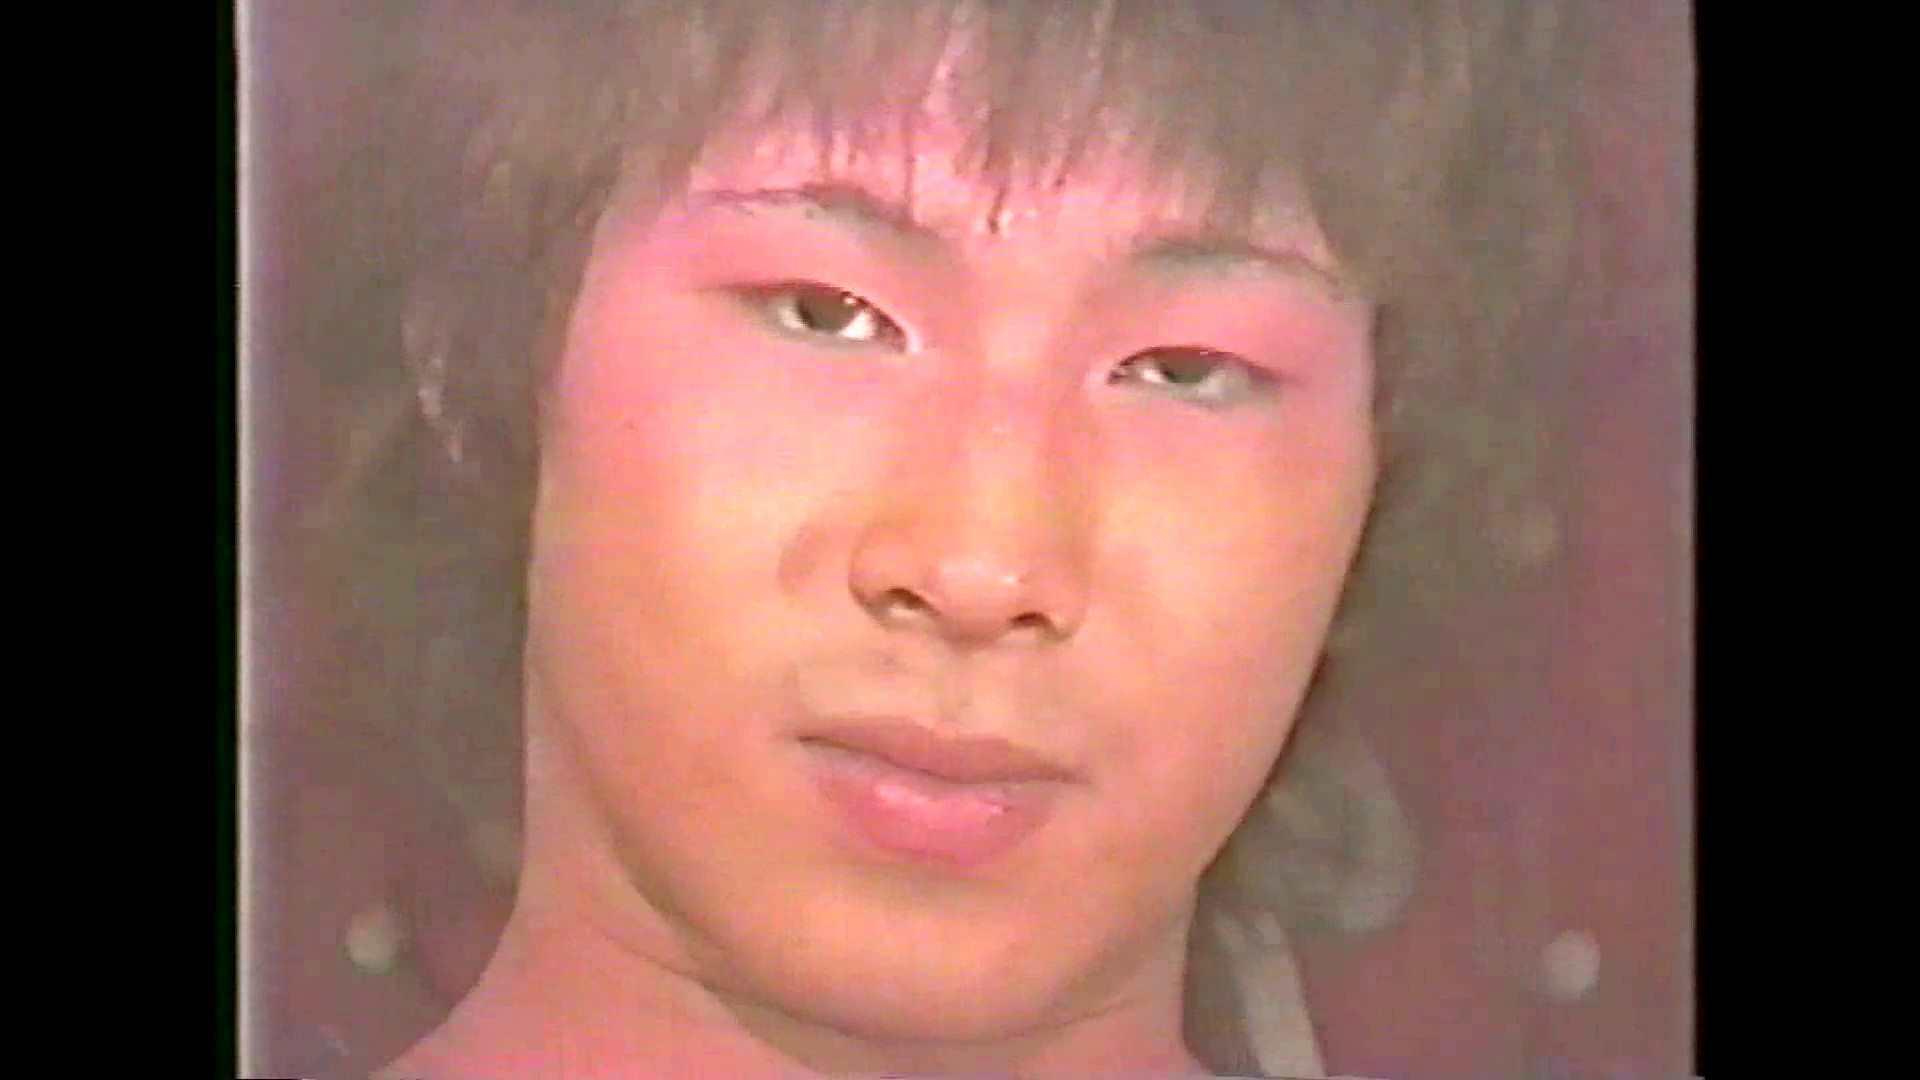 GAYBOY宏のオカズ倉庫Vol.3-4 オナニー ゲイセックス画像 67pic 63